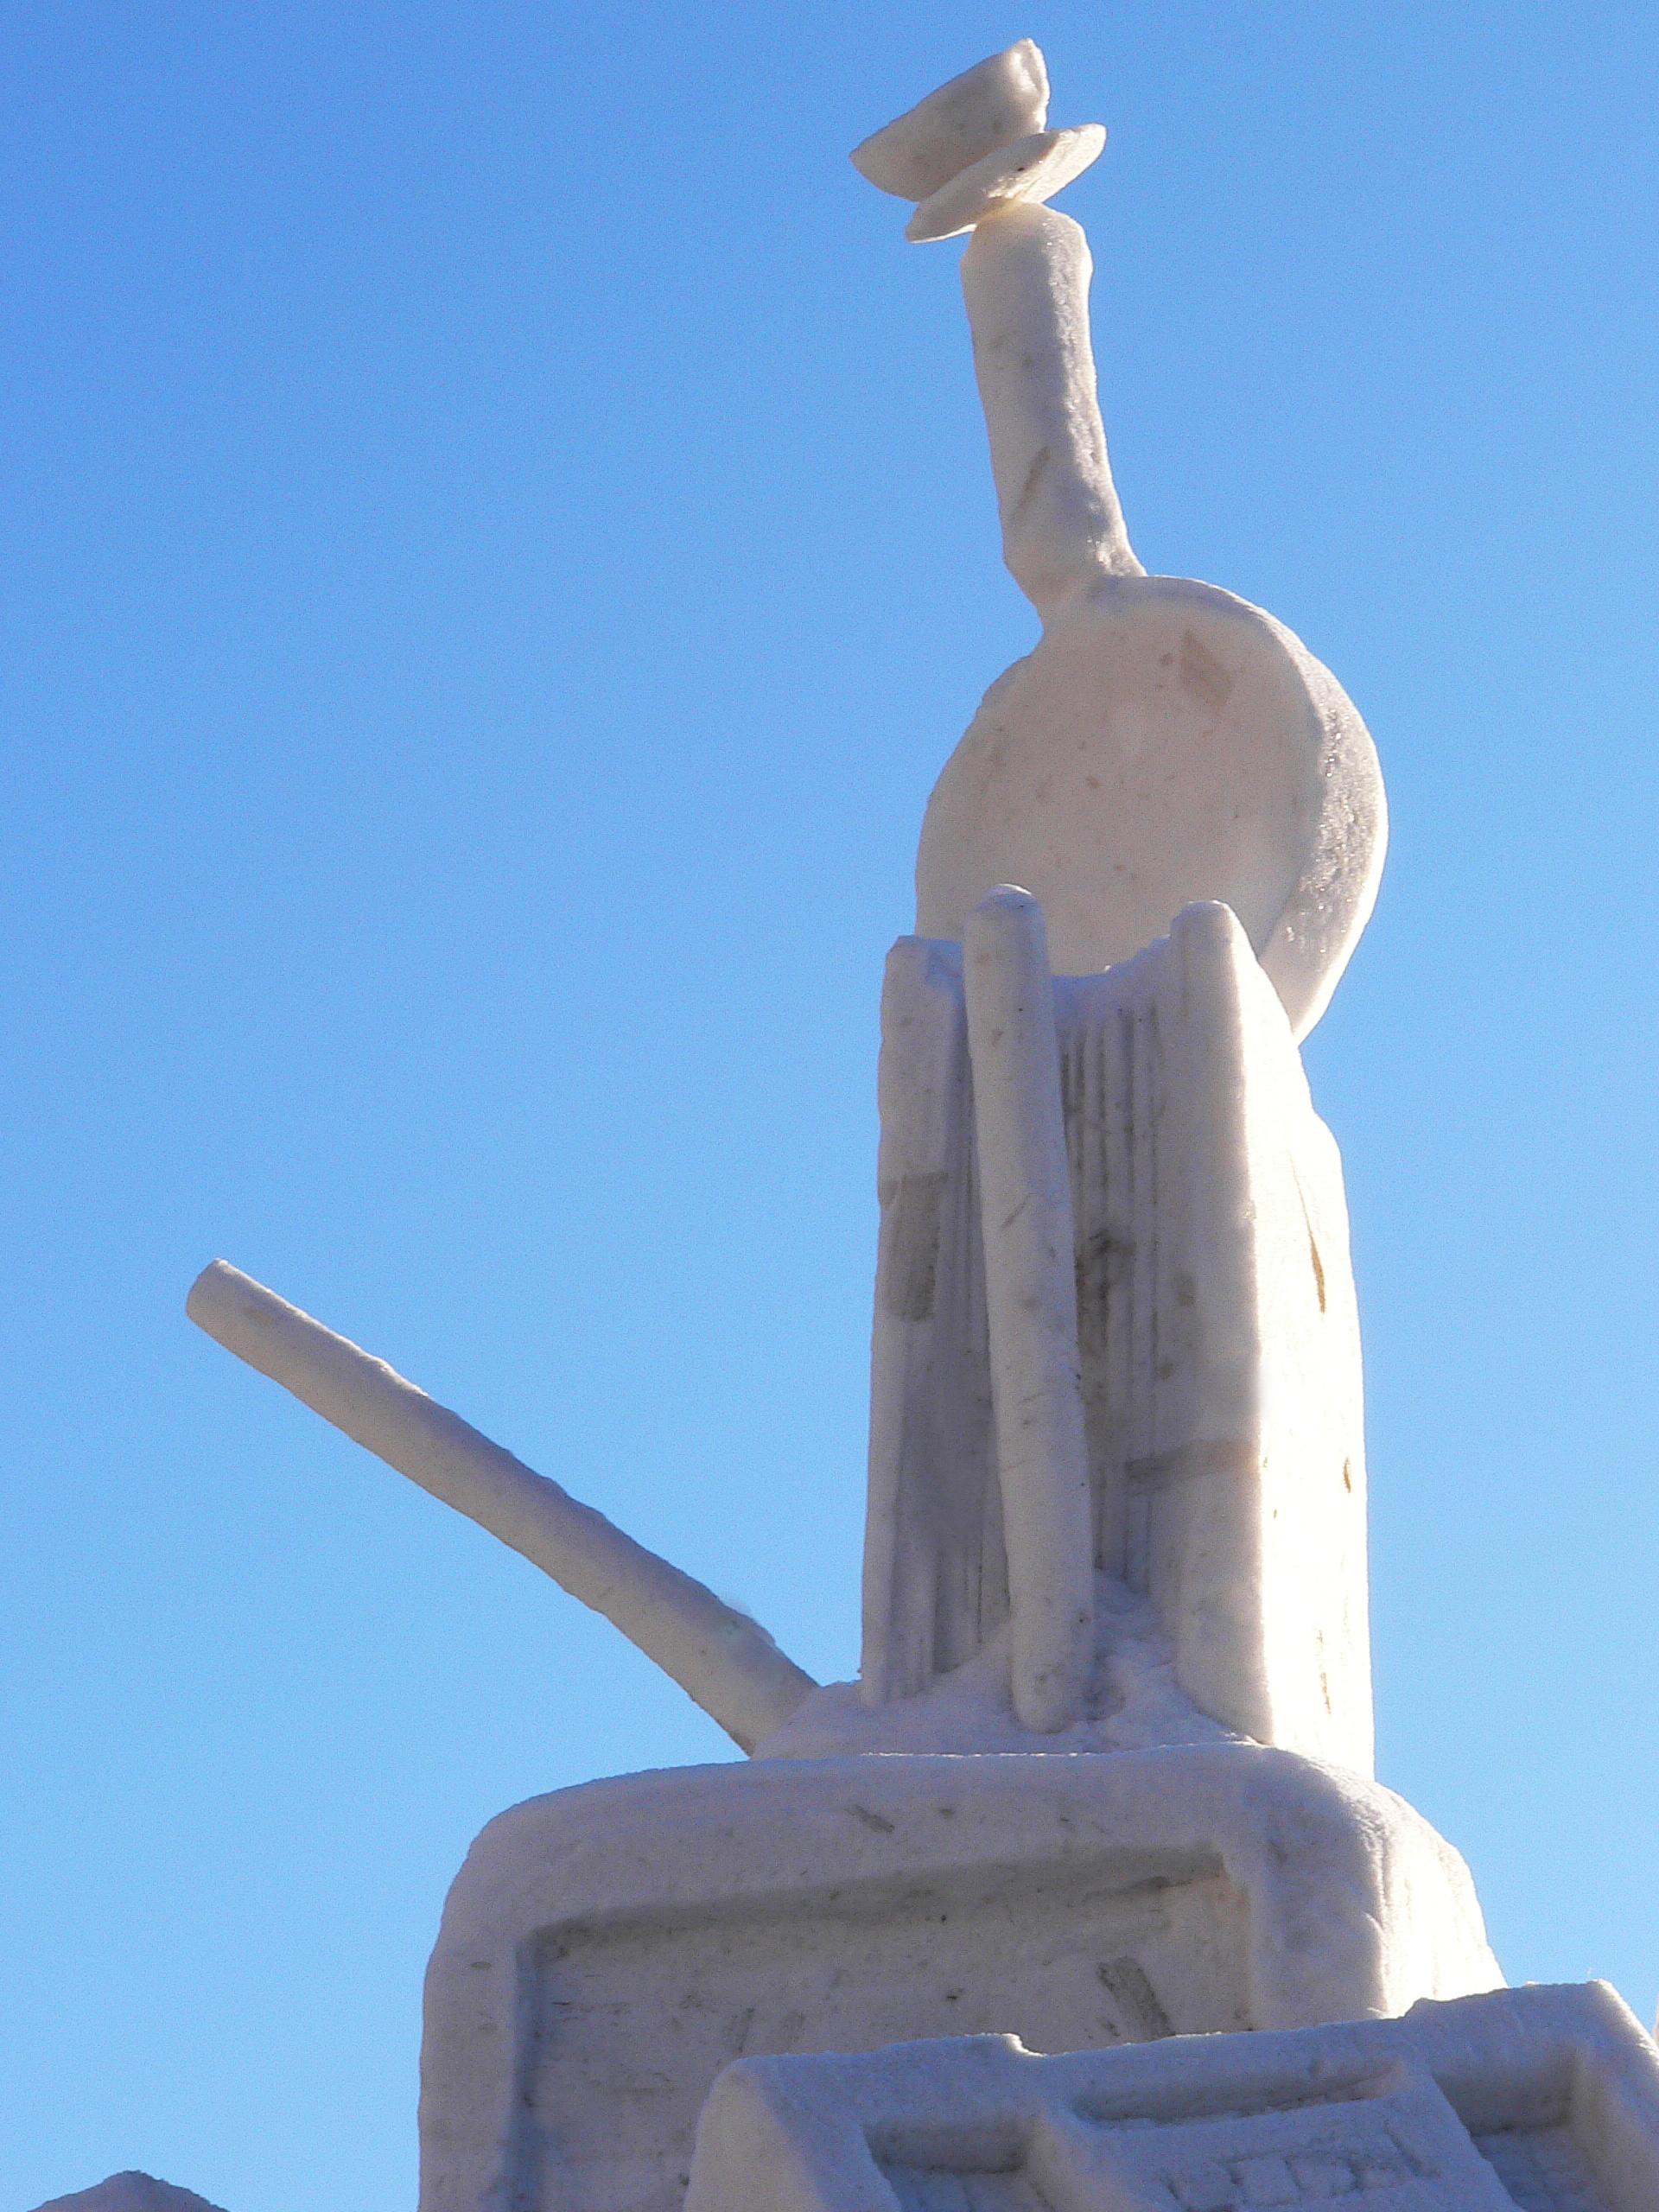 Фотография-снежной-скульптуры-Нагрузилась-фрагмент